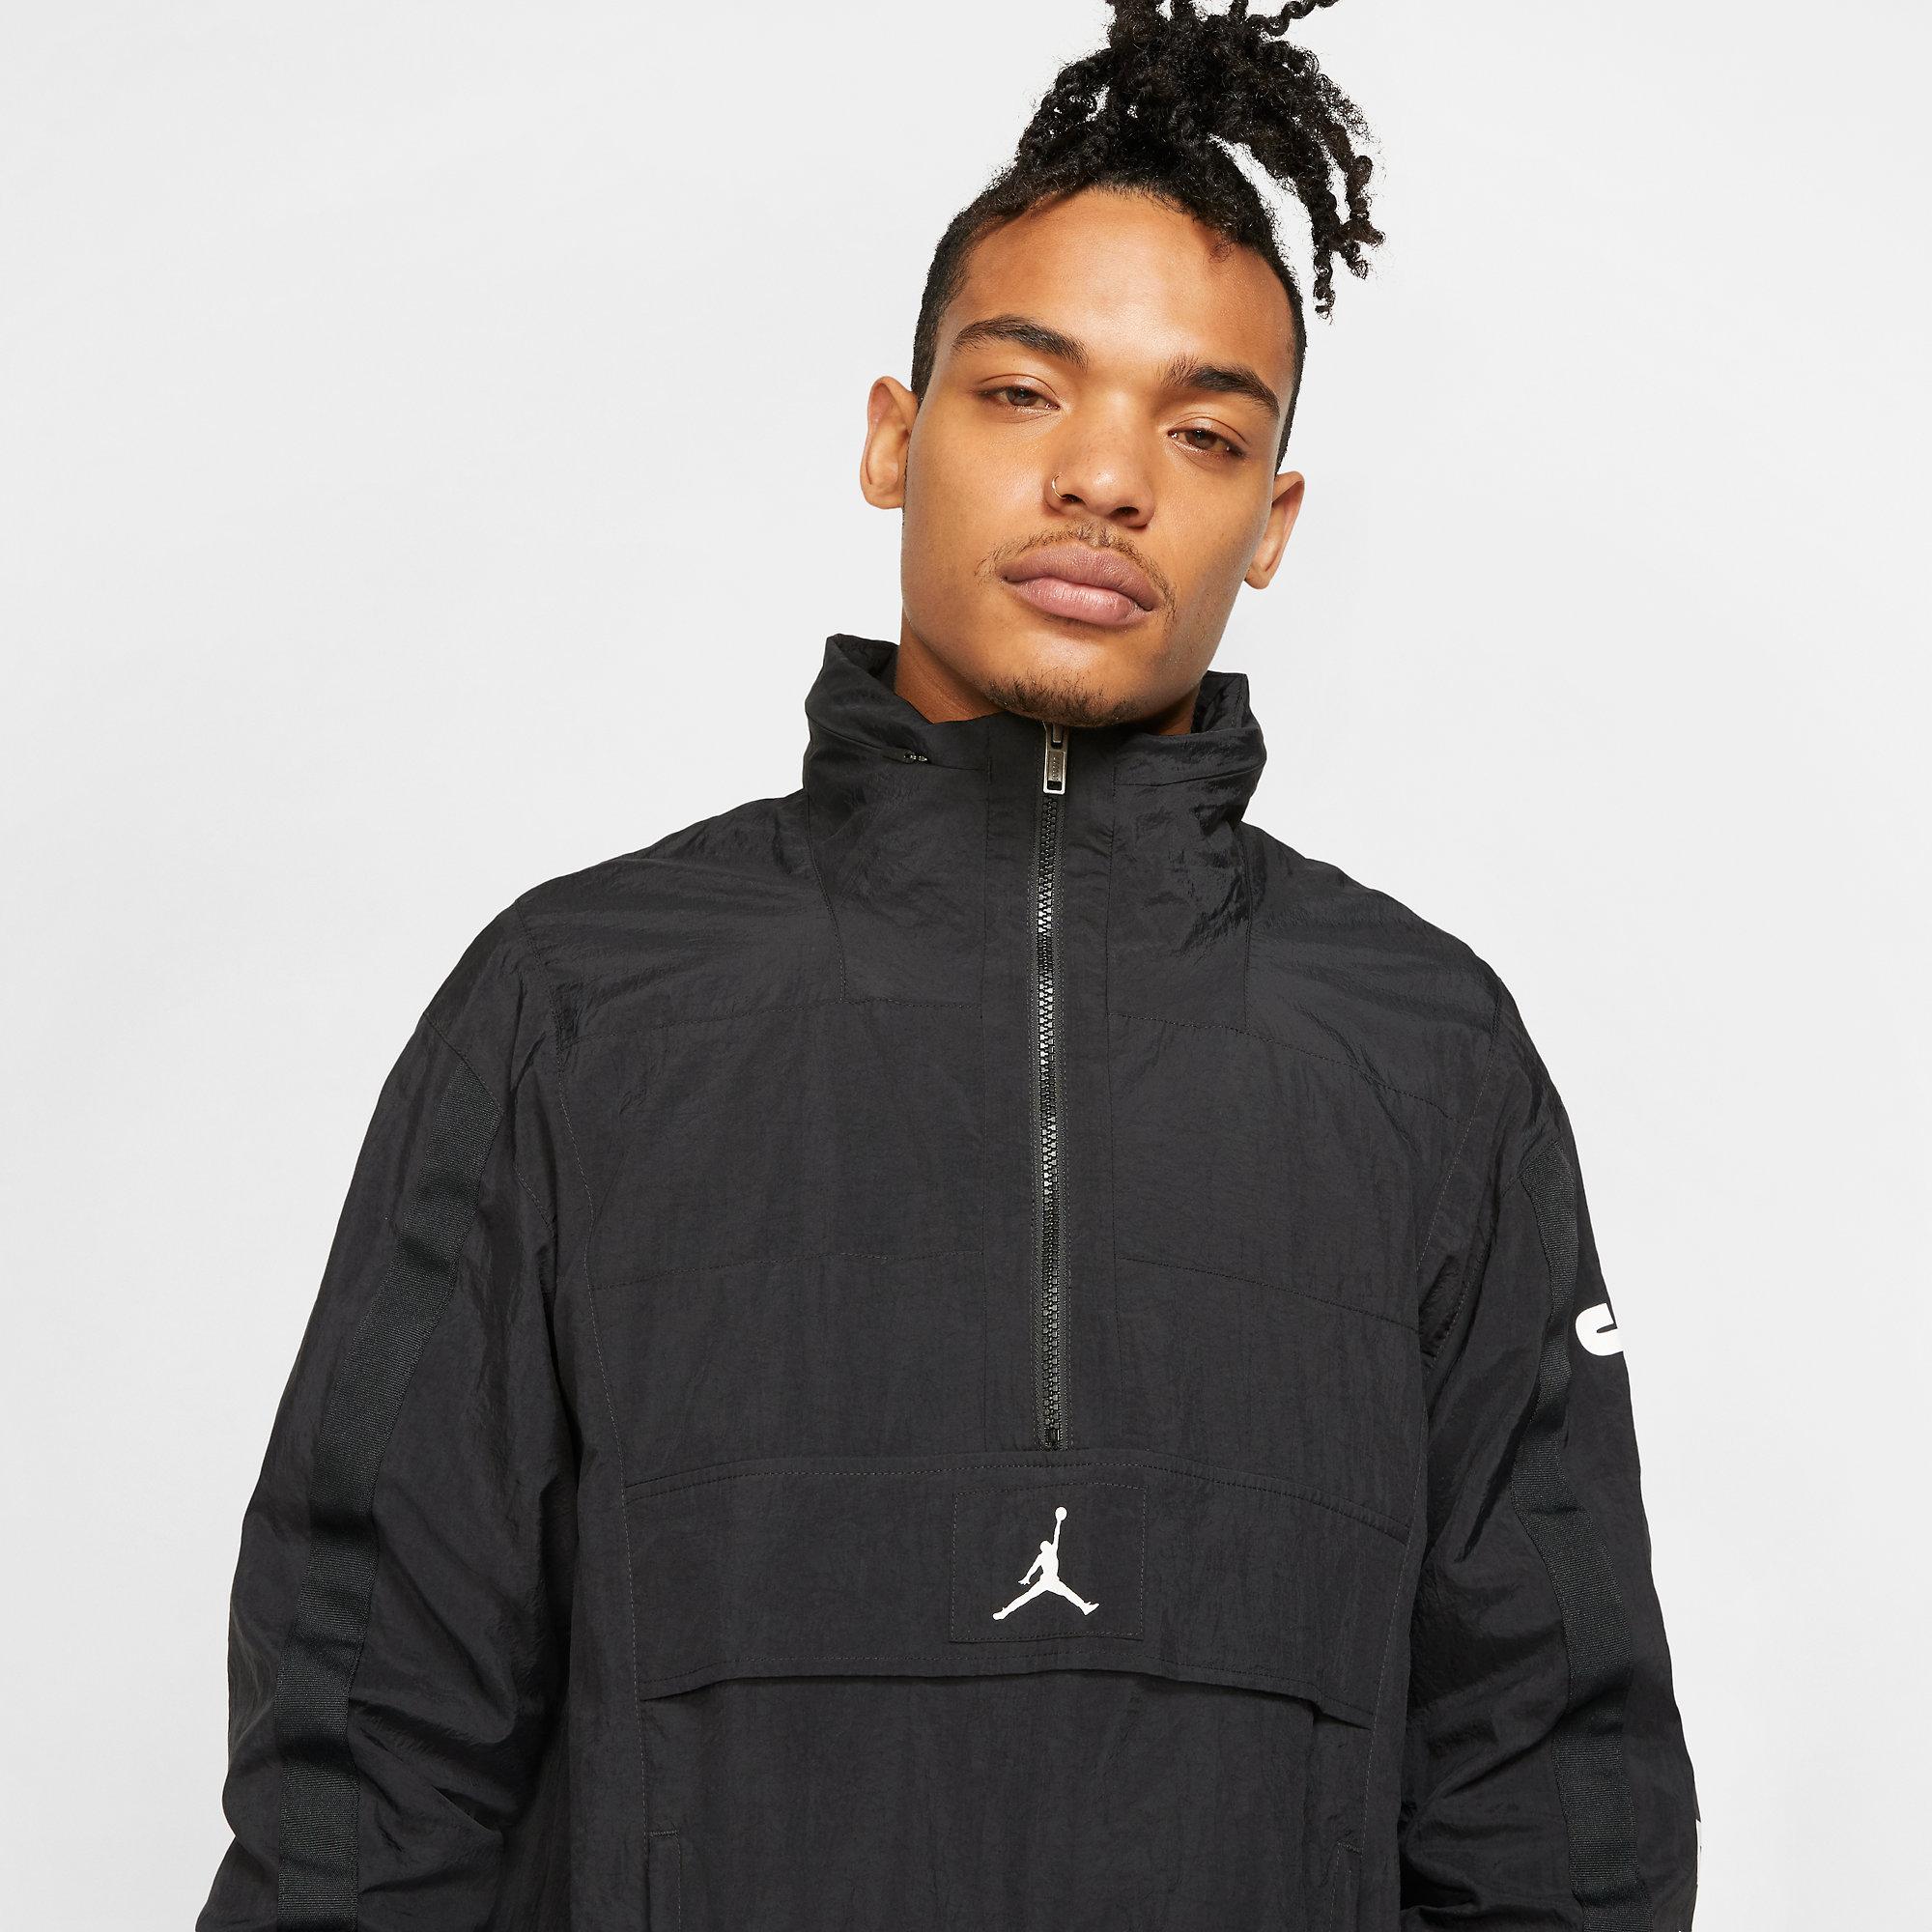 b75cd1b905 Куртки от Jordan (AV1834-010) - продажа, цена, фото, описание